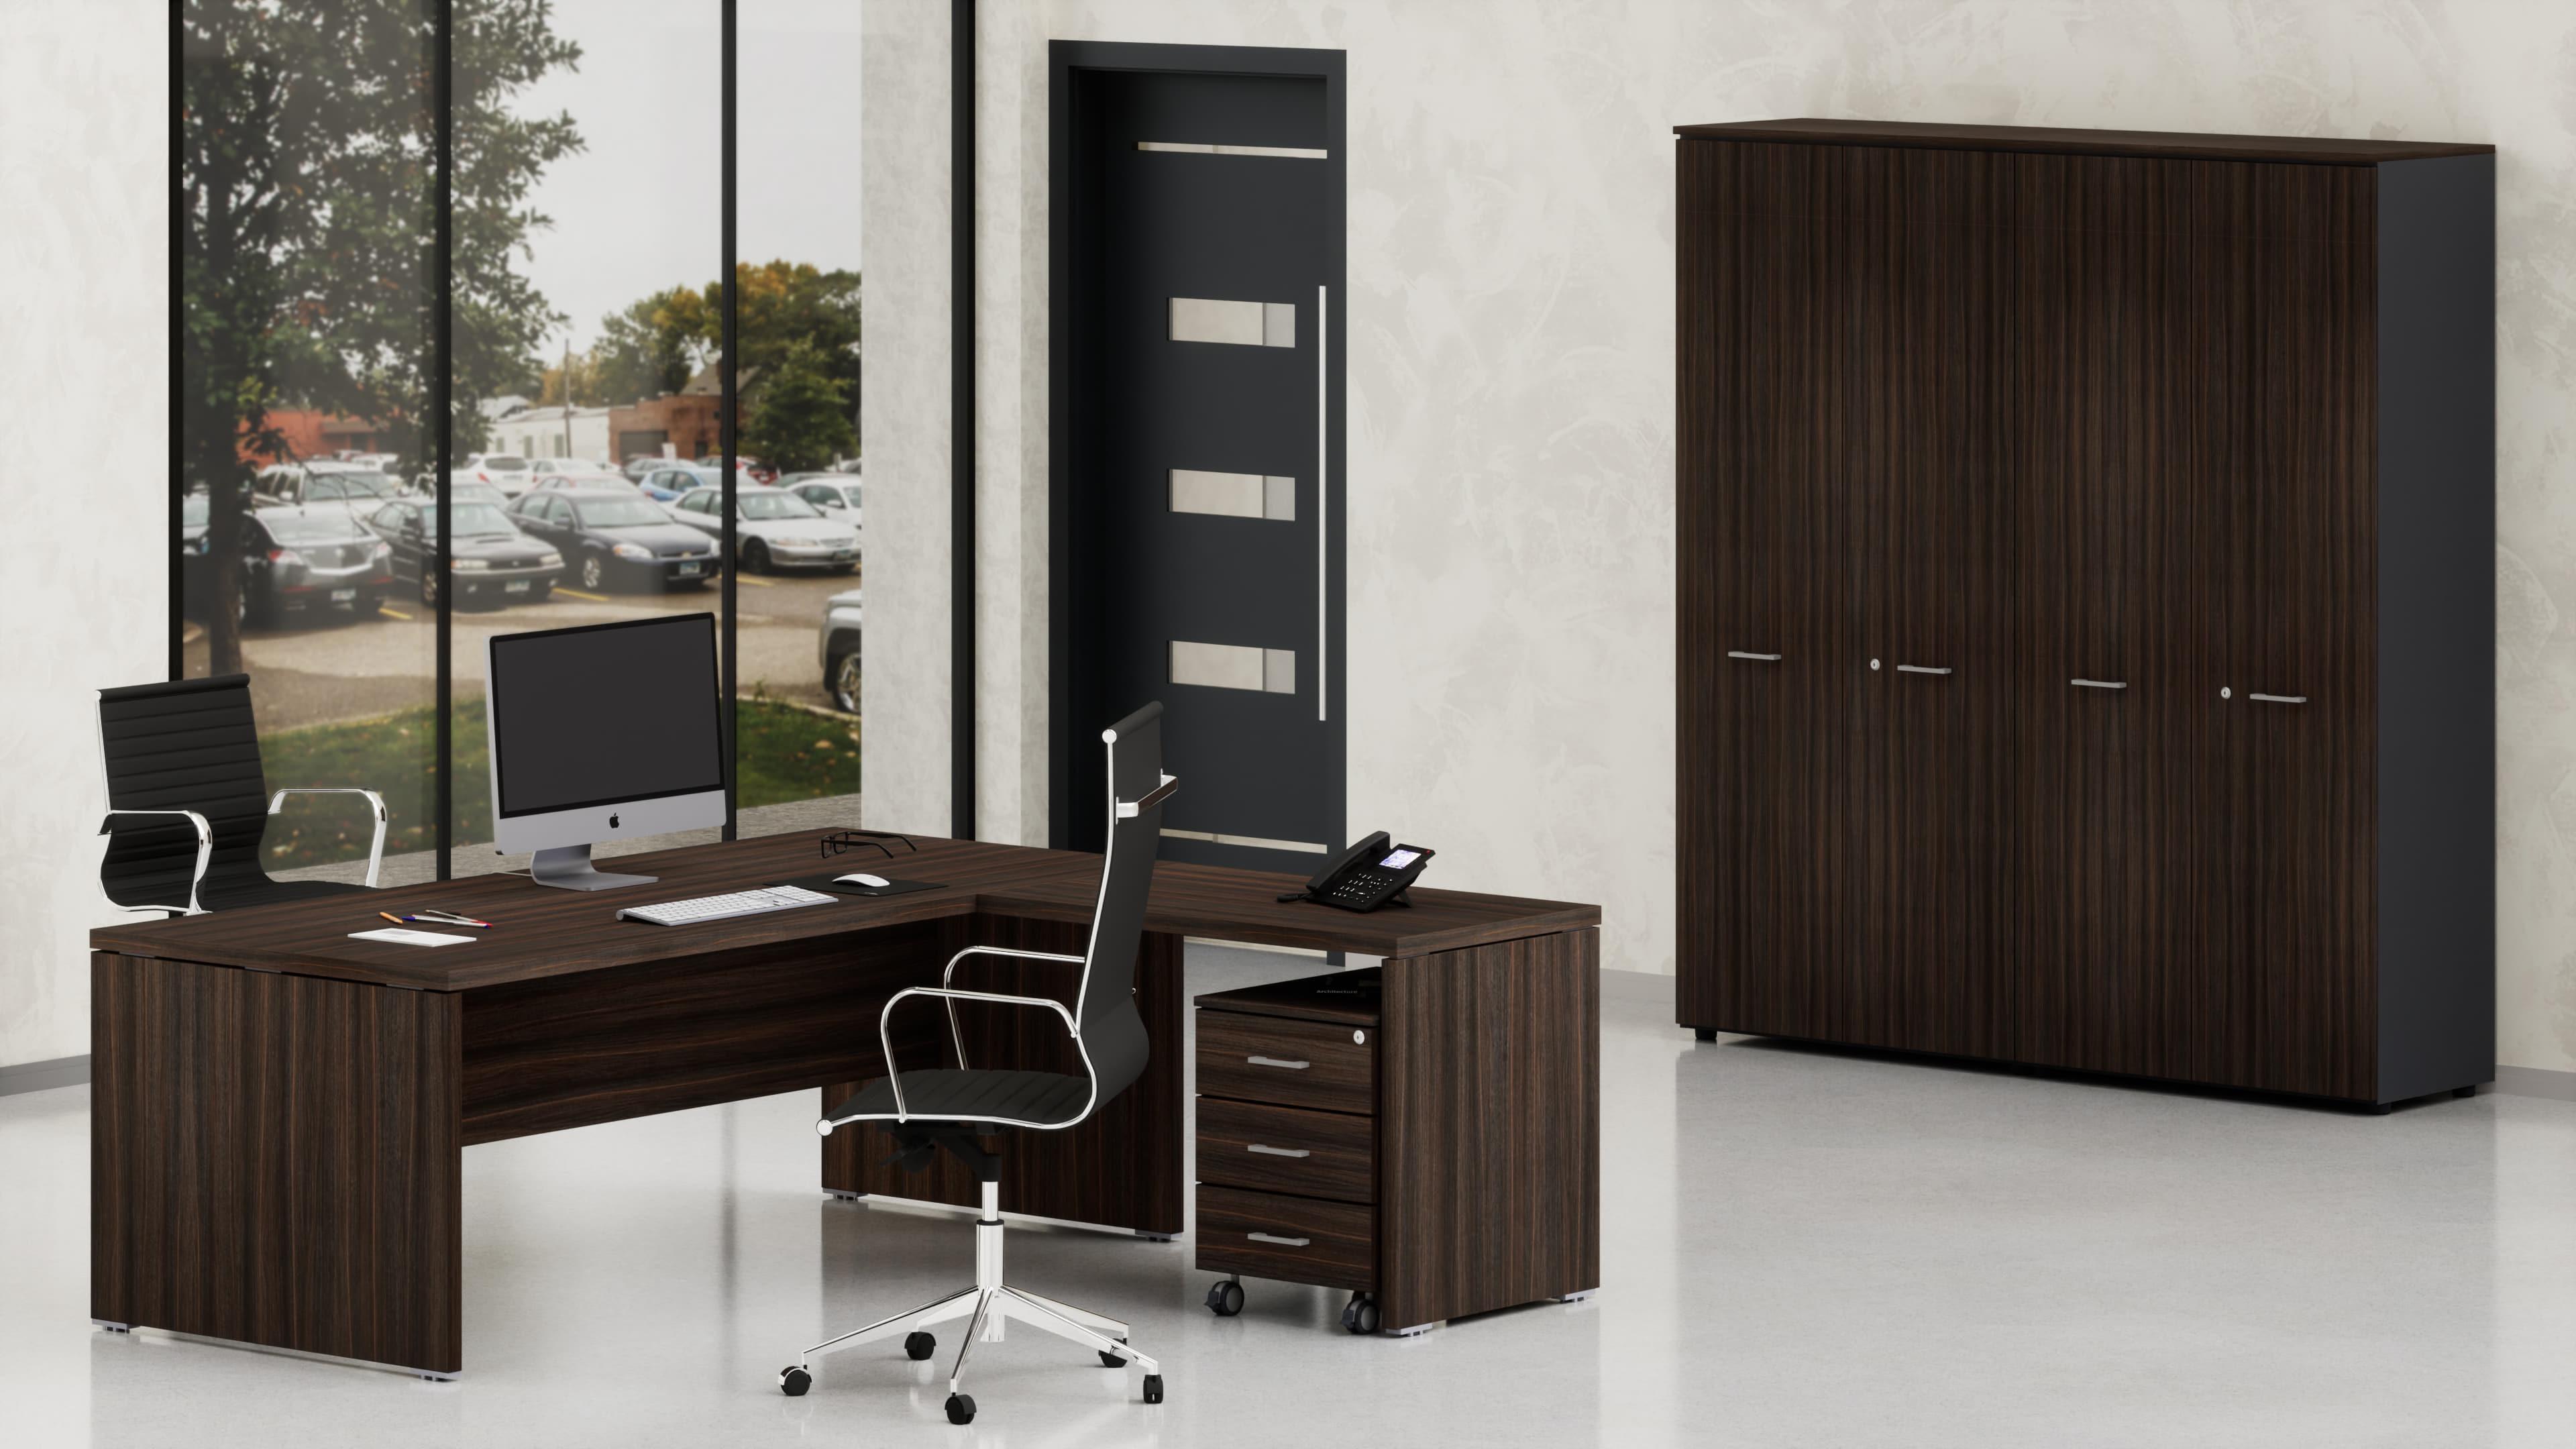 Uffici direzionali BETA scrivania con allungo, cassettiera e contenitori universali alti